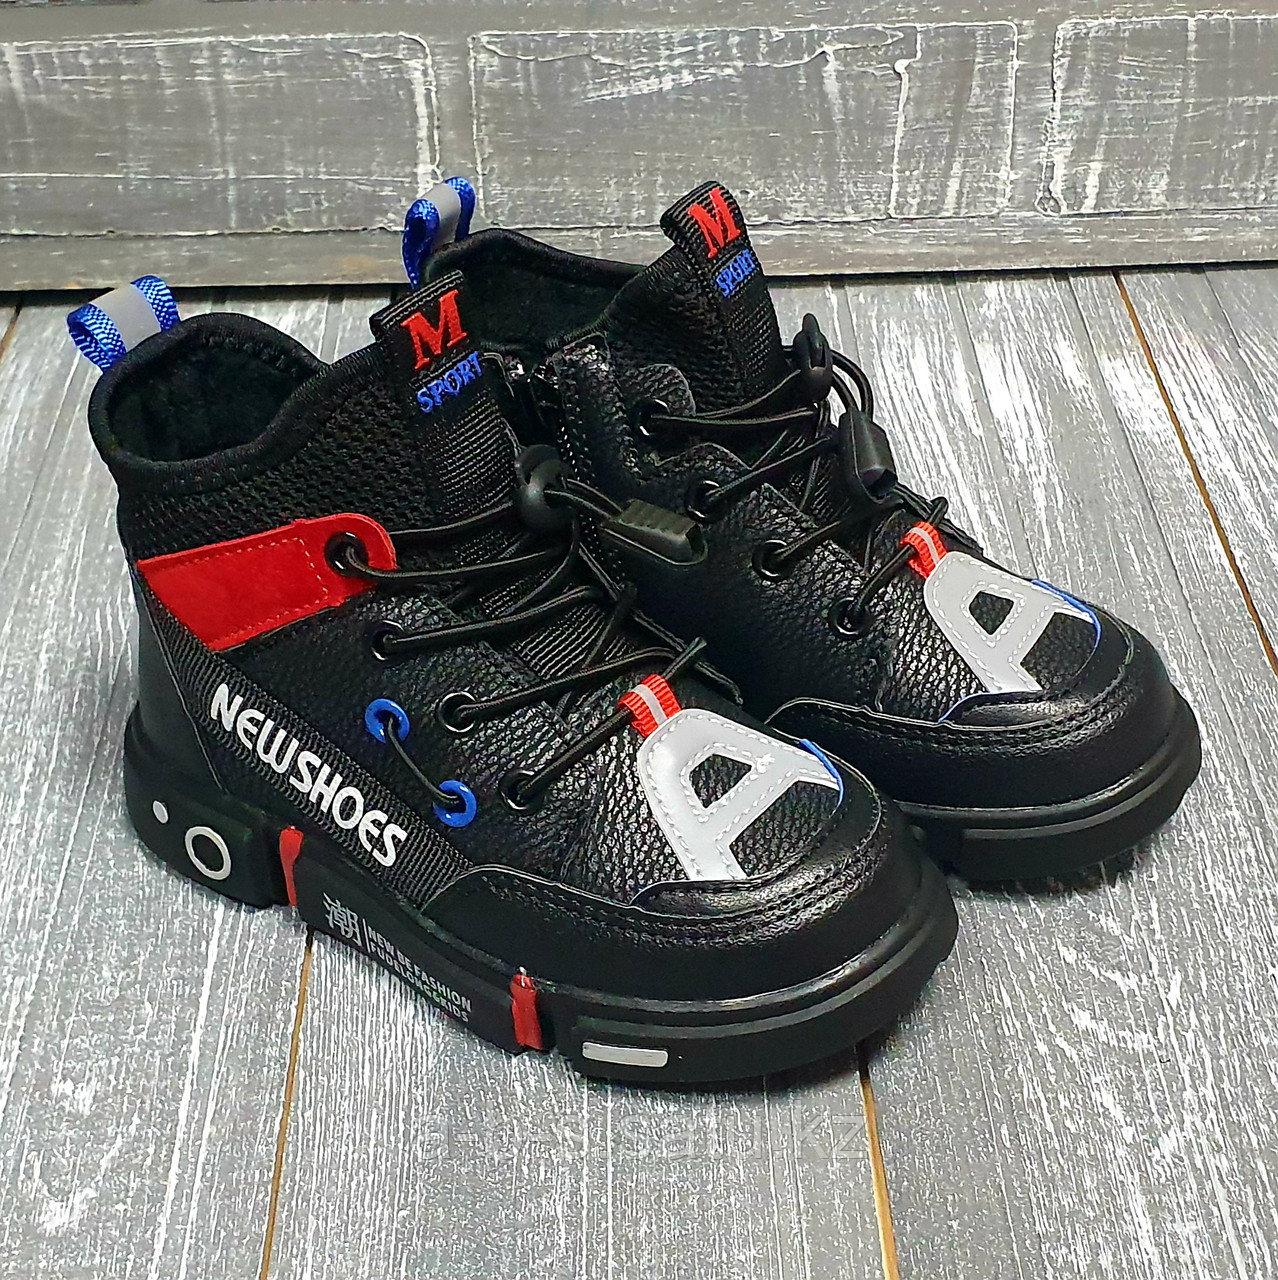 Ботинки черные shoes, красно-черные